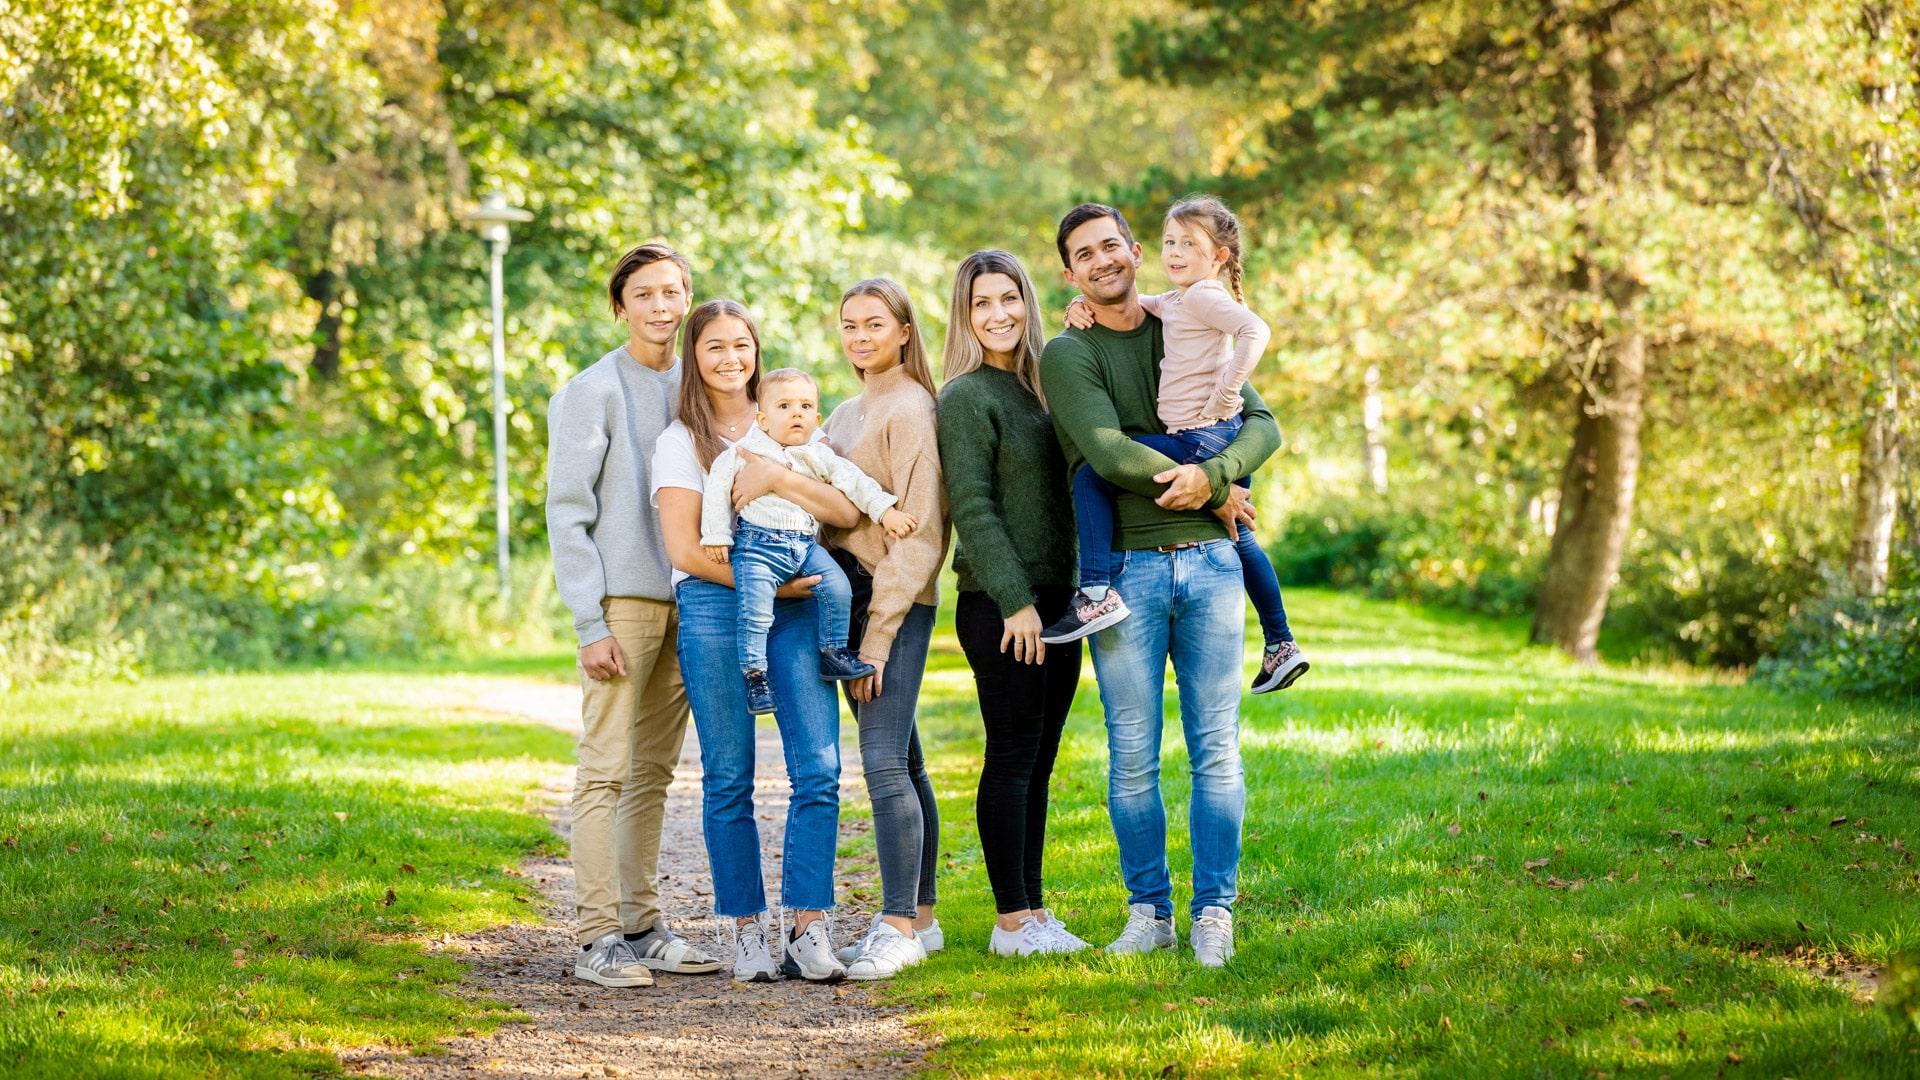 Familie fotografering.